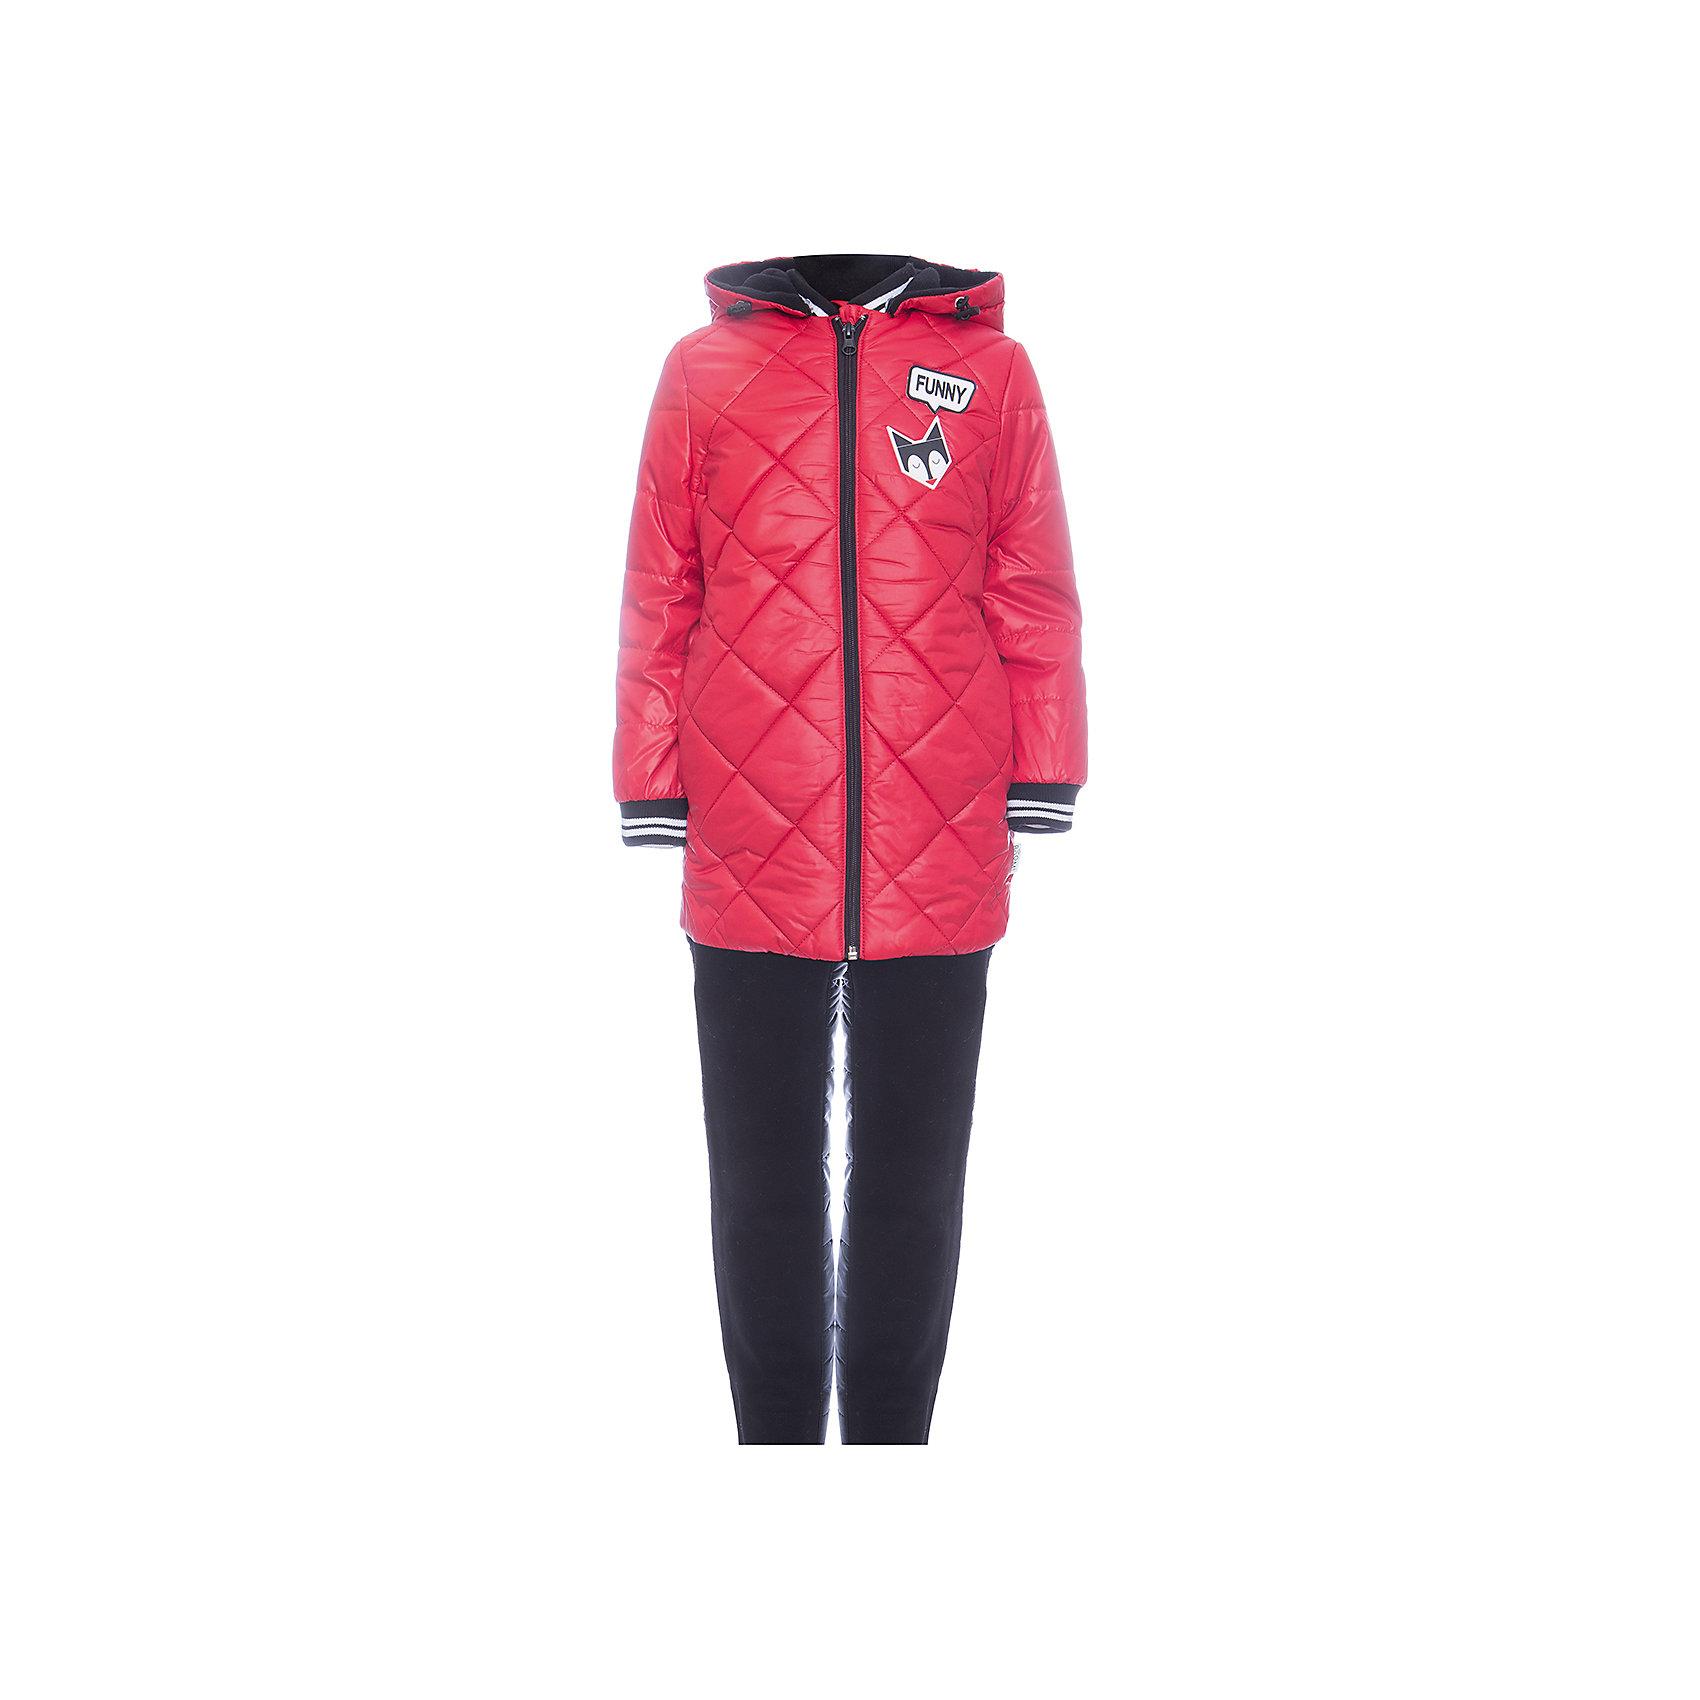 Комплект: куртка и брюки BOOM by Orby для девочкиВерхняя одежда<br>Характеристики товара:<br><br>• цвет: красный<br>• ткань верха: куртка - Таффета oil cire pu milky, брюки - Болонь pu milky<br>• подкладка: куртка - Флис; ПЭ пуходержащий; брюки - ПЭ пуходержащий<br>• утеплитель: куртка - Эко синтепон 200 г/м2; брюки - Эко синтепон 80 г/м2<br>• сезон: демисезон<br>• температурный режим: от -10° до +10°С<br>• особенности куртки: на молнии, стеганая<br>• особенности брюк: на резинке, дутые<br>• капюшон: без меха <br>• страна бренда: Россия<br>• страна изготовитель: Россия<br><br>Отличный вариант модно и удобно одеть ребенка в демисезон - приобрести такой комплект. Этот утепленный комплект для девочки состоит из куртки с капюшоном и удобных брюк. Утеплитель и плотная ткань верха делает его подходящим для сырой и холодной погоды. <br><br>Комплект: куртка и брюки BOOM by Orby для девочки можно купить в нашем интернет-магазине.<br><br>Ширина мм: 356<br>Глубина мм: 10<br>Высота мм: 245<br>Вес г: 519<br>Цвет: красный<br>Возраст от месяцев: 72<br>Возраст до месяцев: 84<br>Пол: Женский<br>Возраст: Детский<br>Размер: 122,104,86,92,98,110,116<br>SKU: 7007624